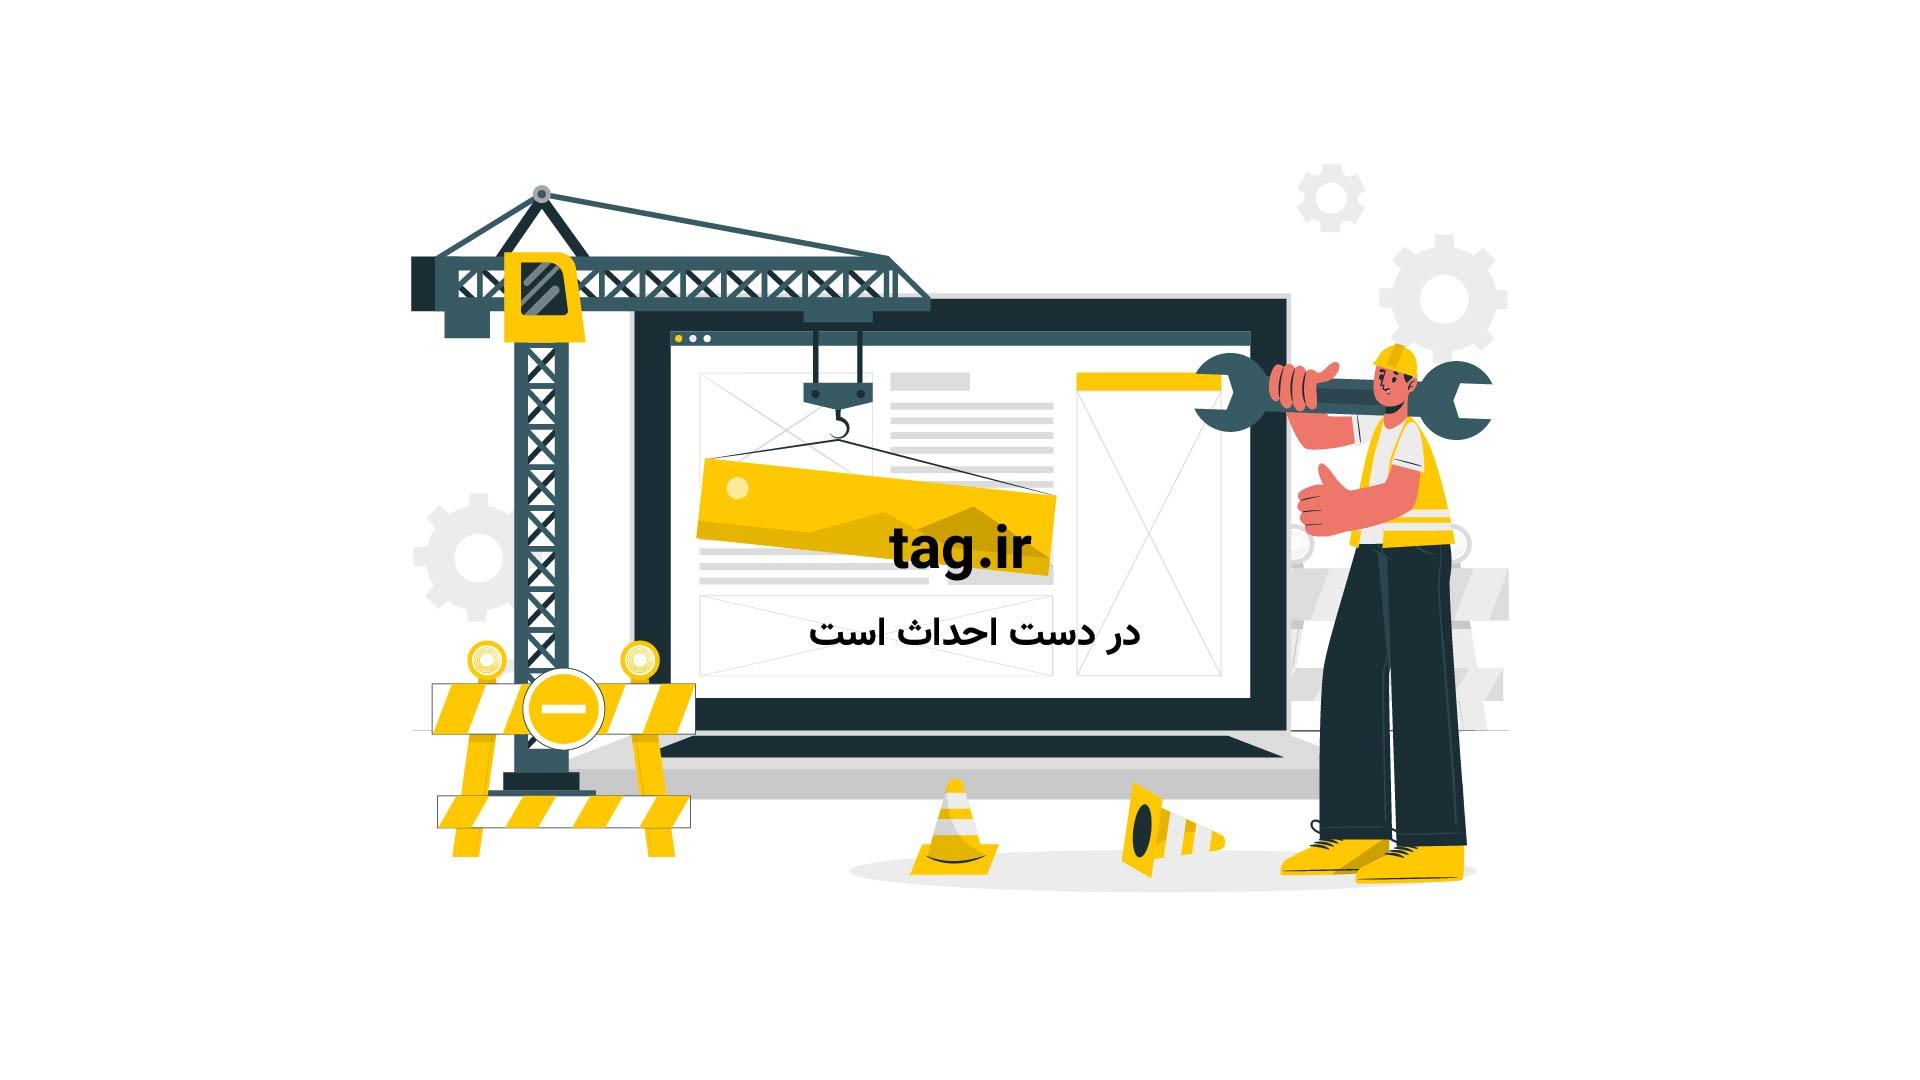 پرندهای که از ۴۴ میلیون سال پیش روی زمین زندگی میکند | فیلم